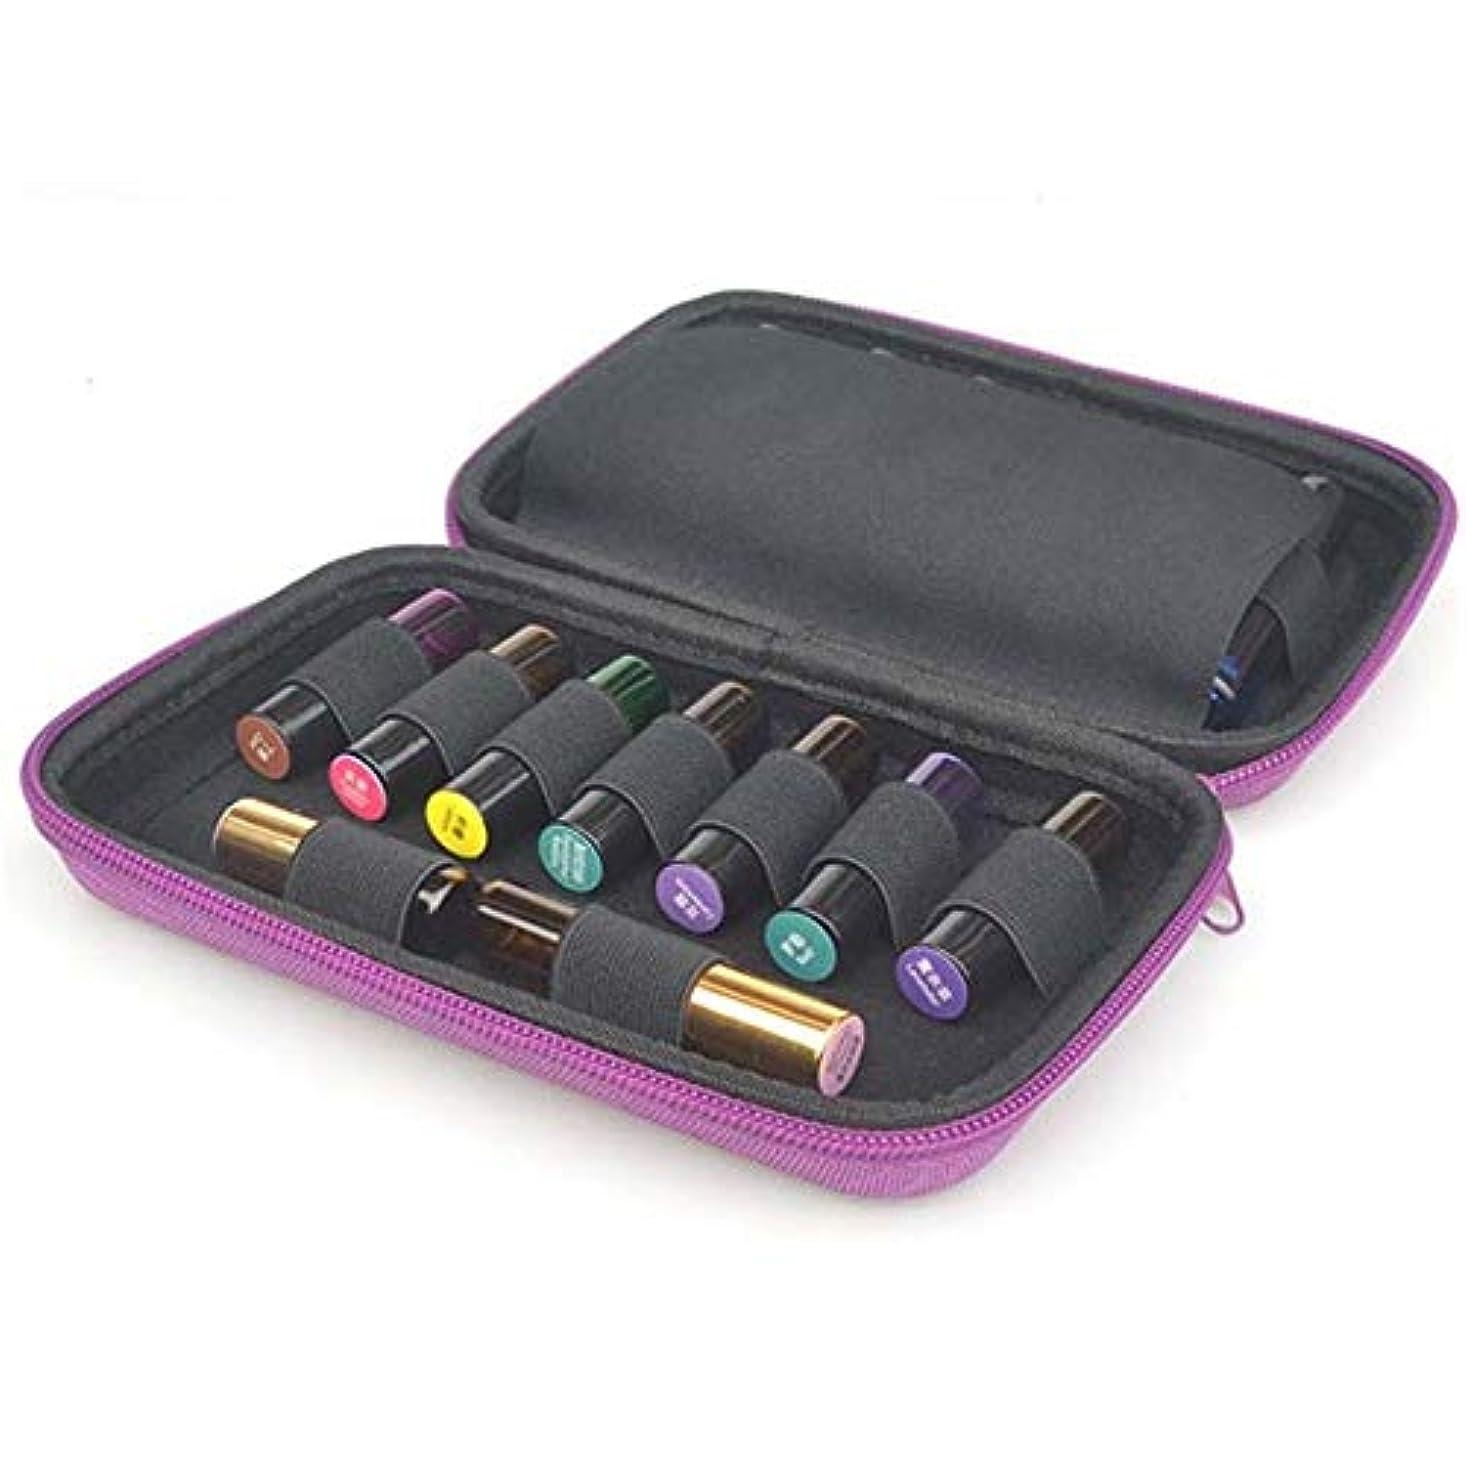 虎ロマンチック細菌エッセンシャルオイルの保管 エッセンシャルオイル5?10ミリリットルローラーと標準ボトルの場合は最大15本のボトルパーフェクトのためのケースプレミアムハードシェル保護キャリング (色 : 紫の, サイズ : 20X13X4.5CM)